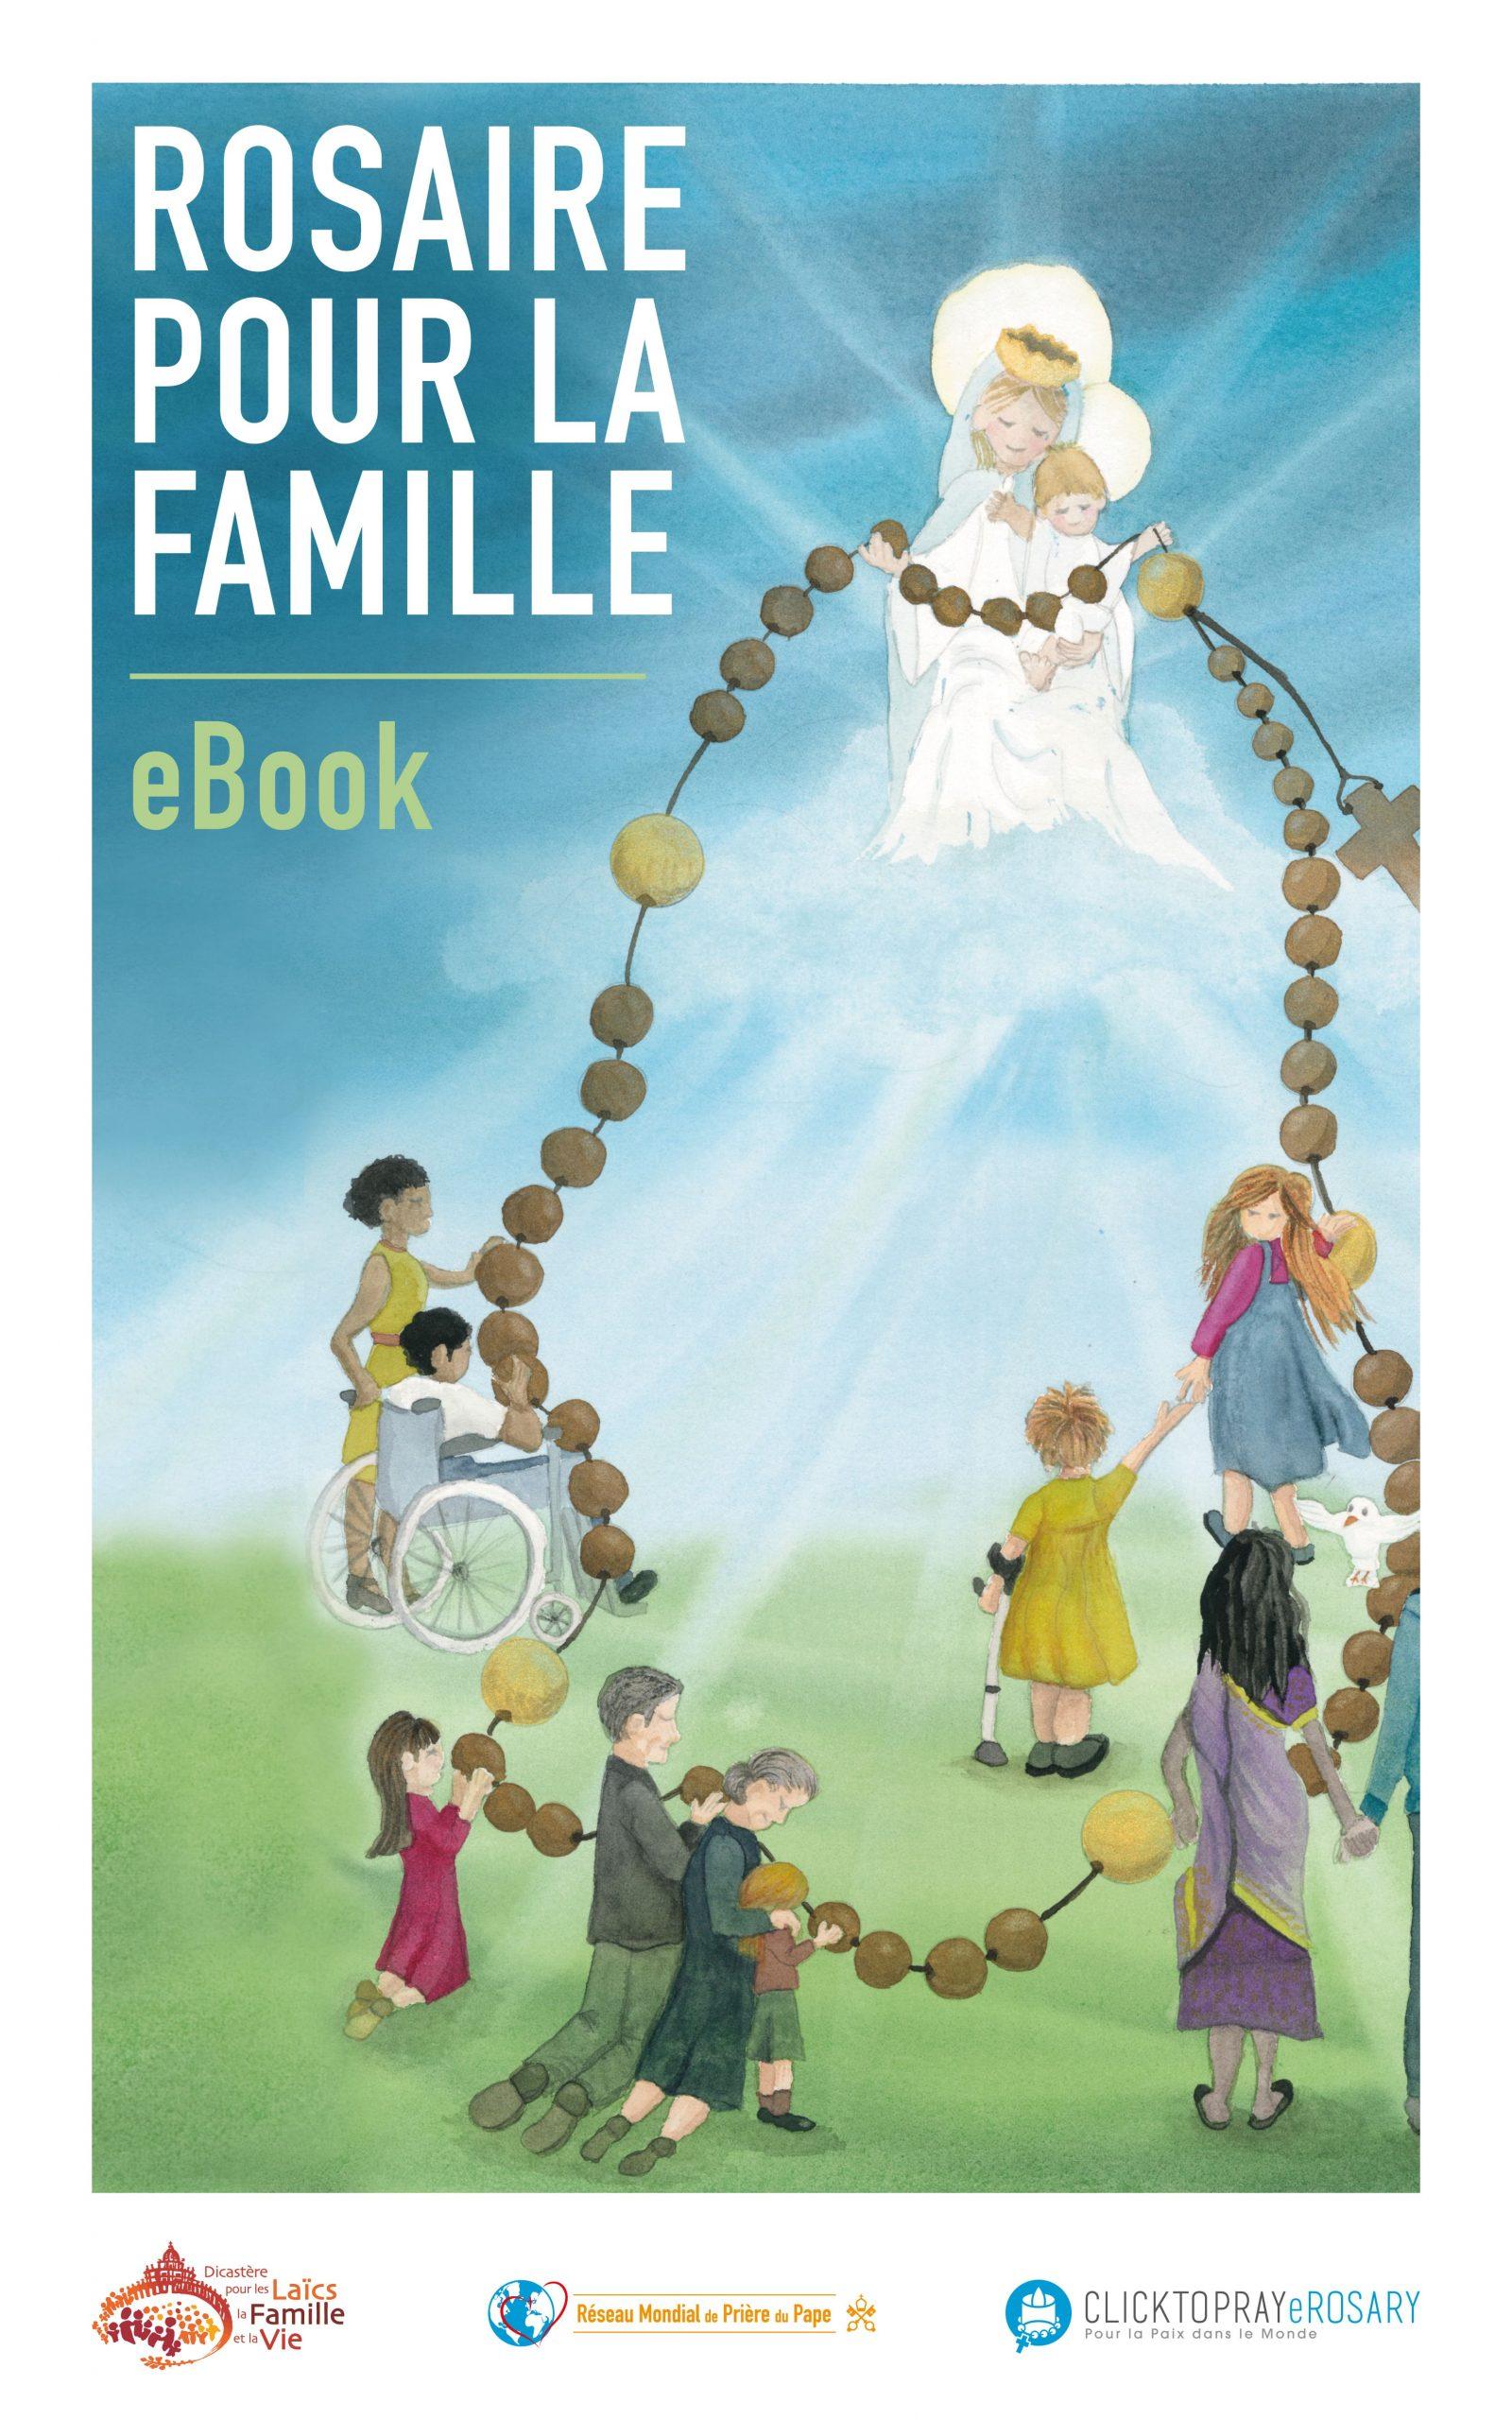 Cover CTP eBook - Rosaire pour la famille FR-min